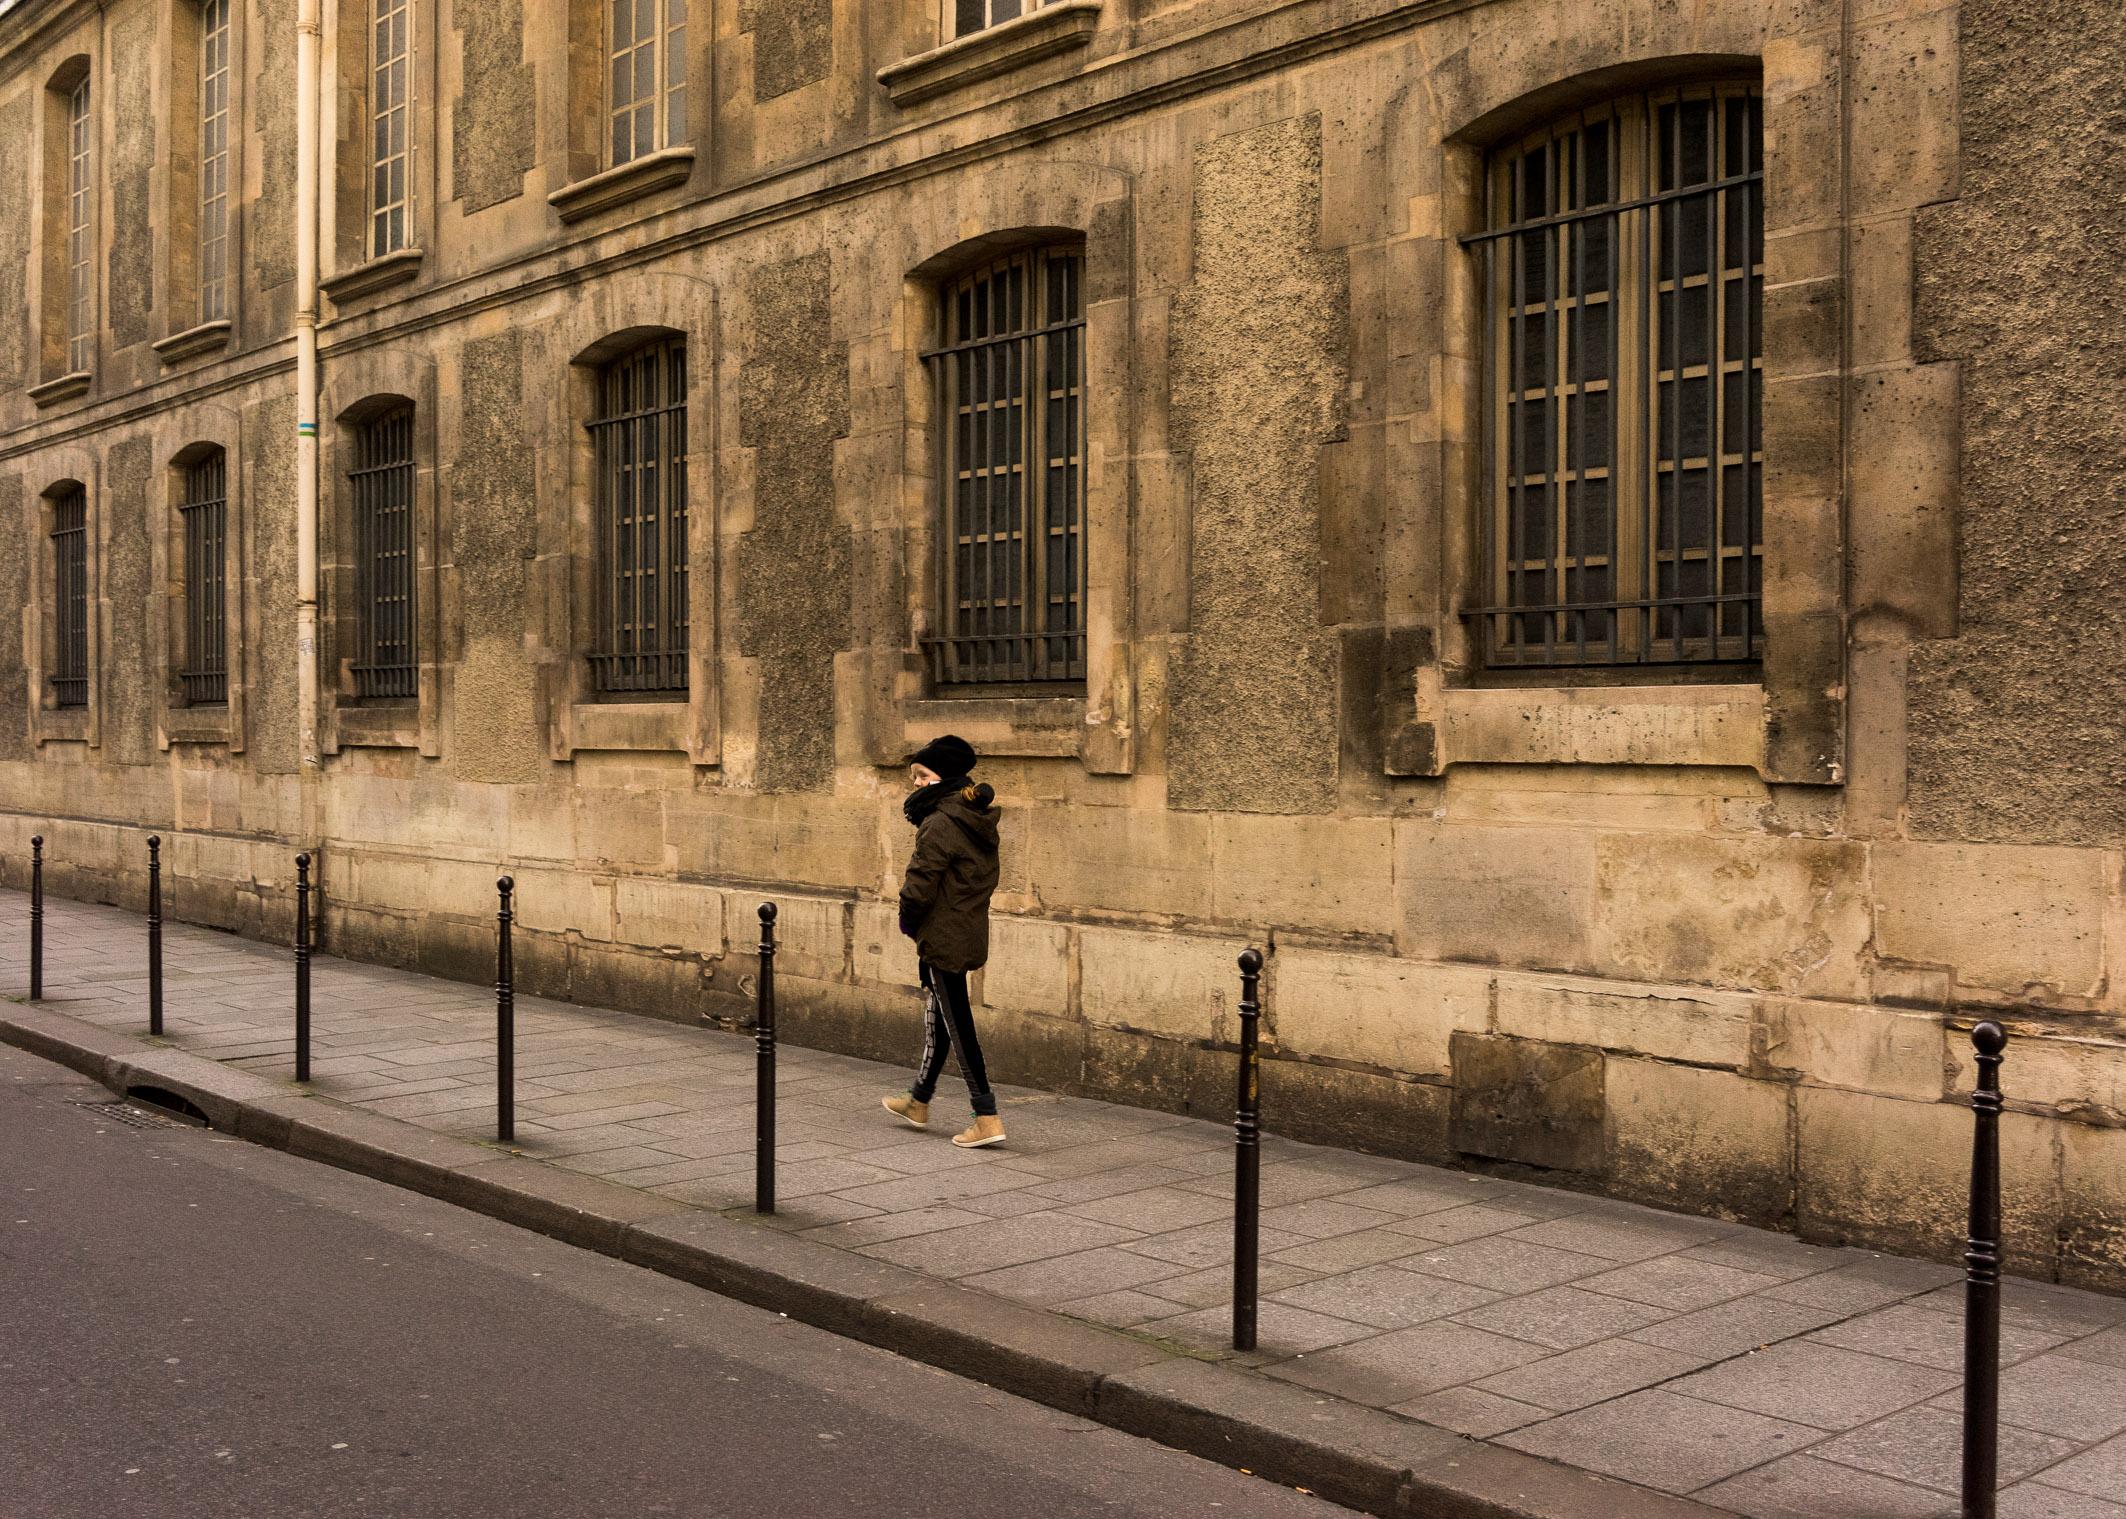 erwt paris-3.jpg